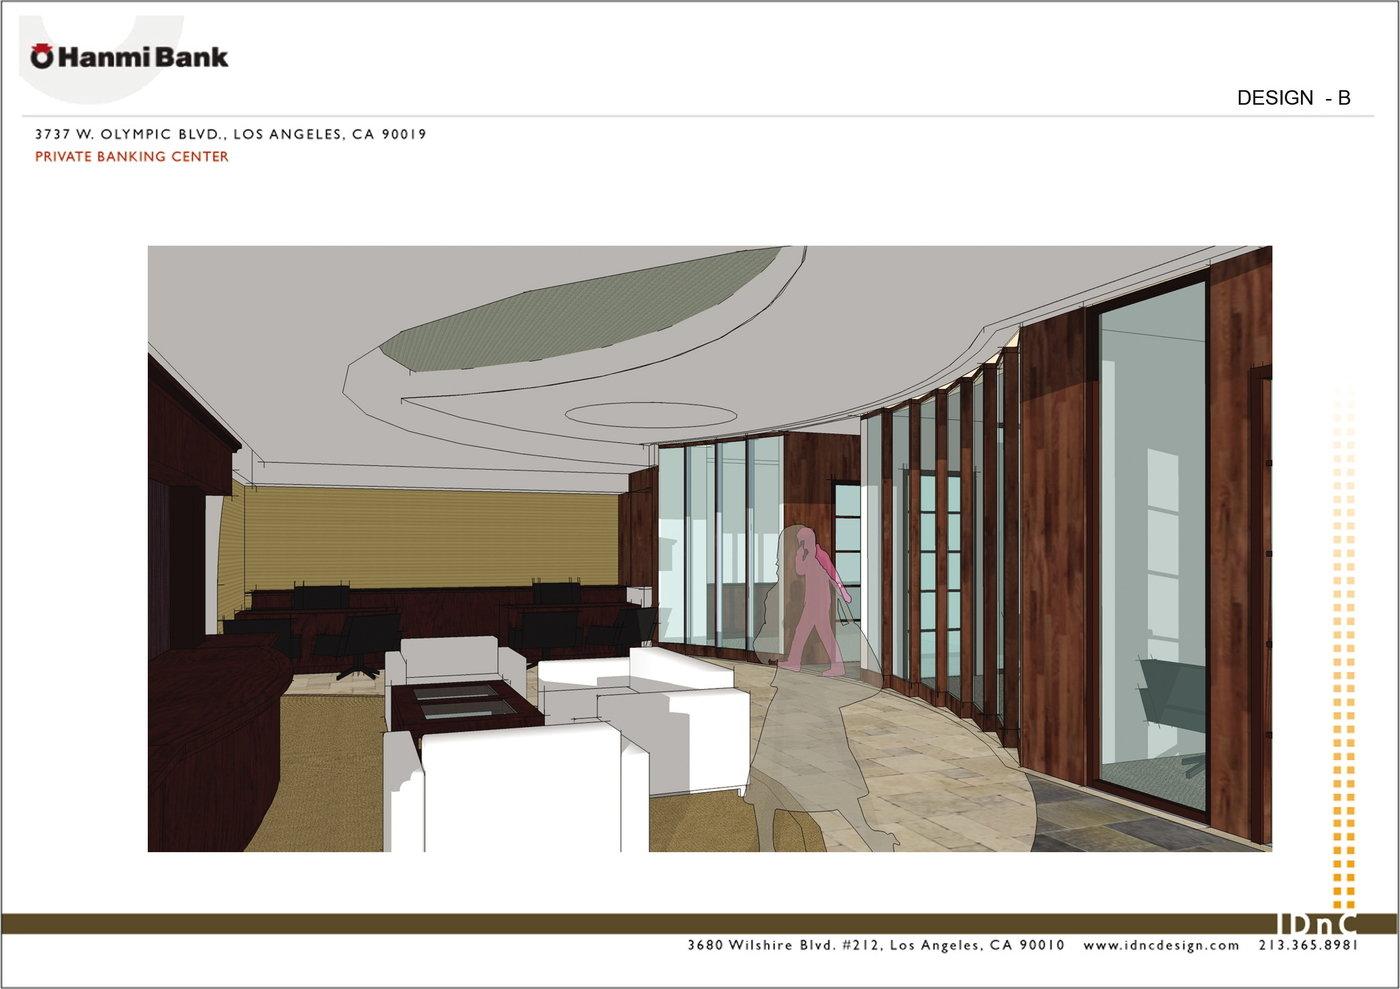 Interior Design Portfolio by Ellie Bang at Coroflot com